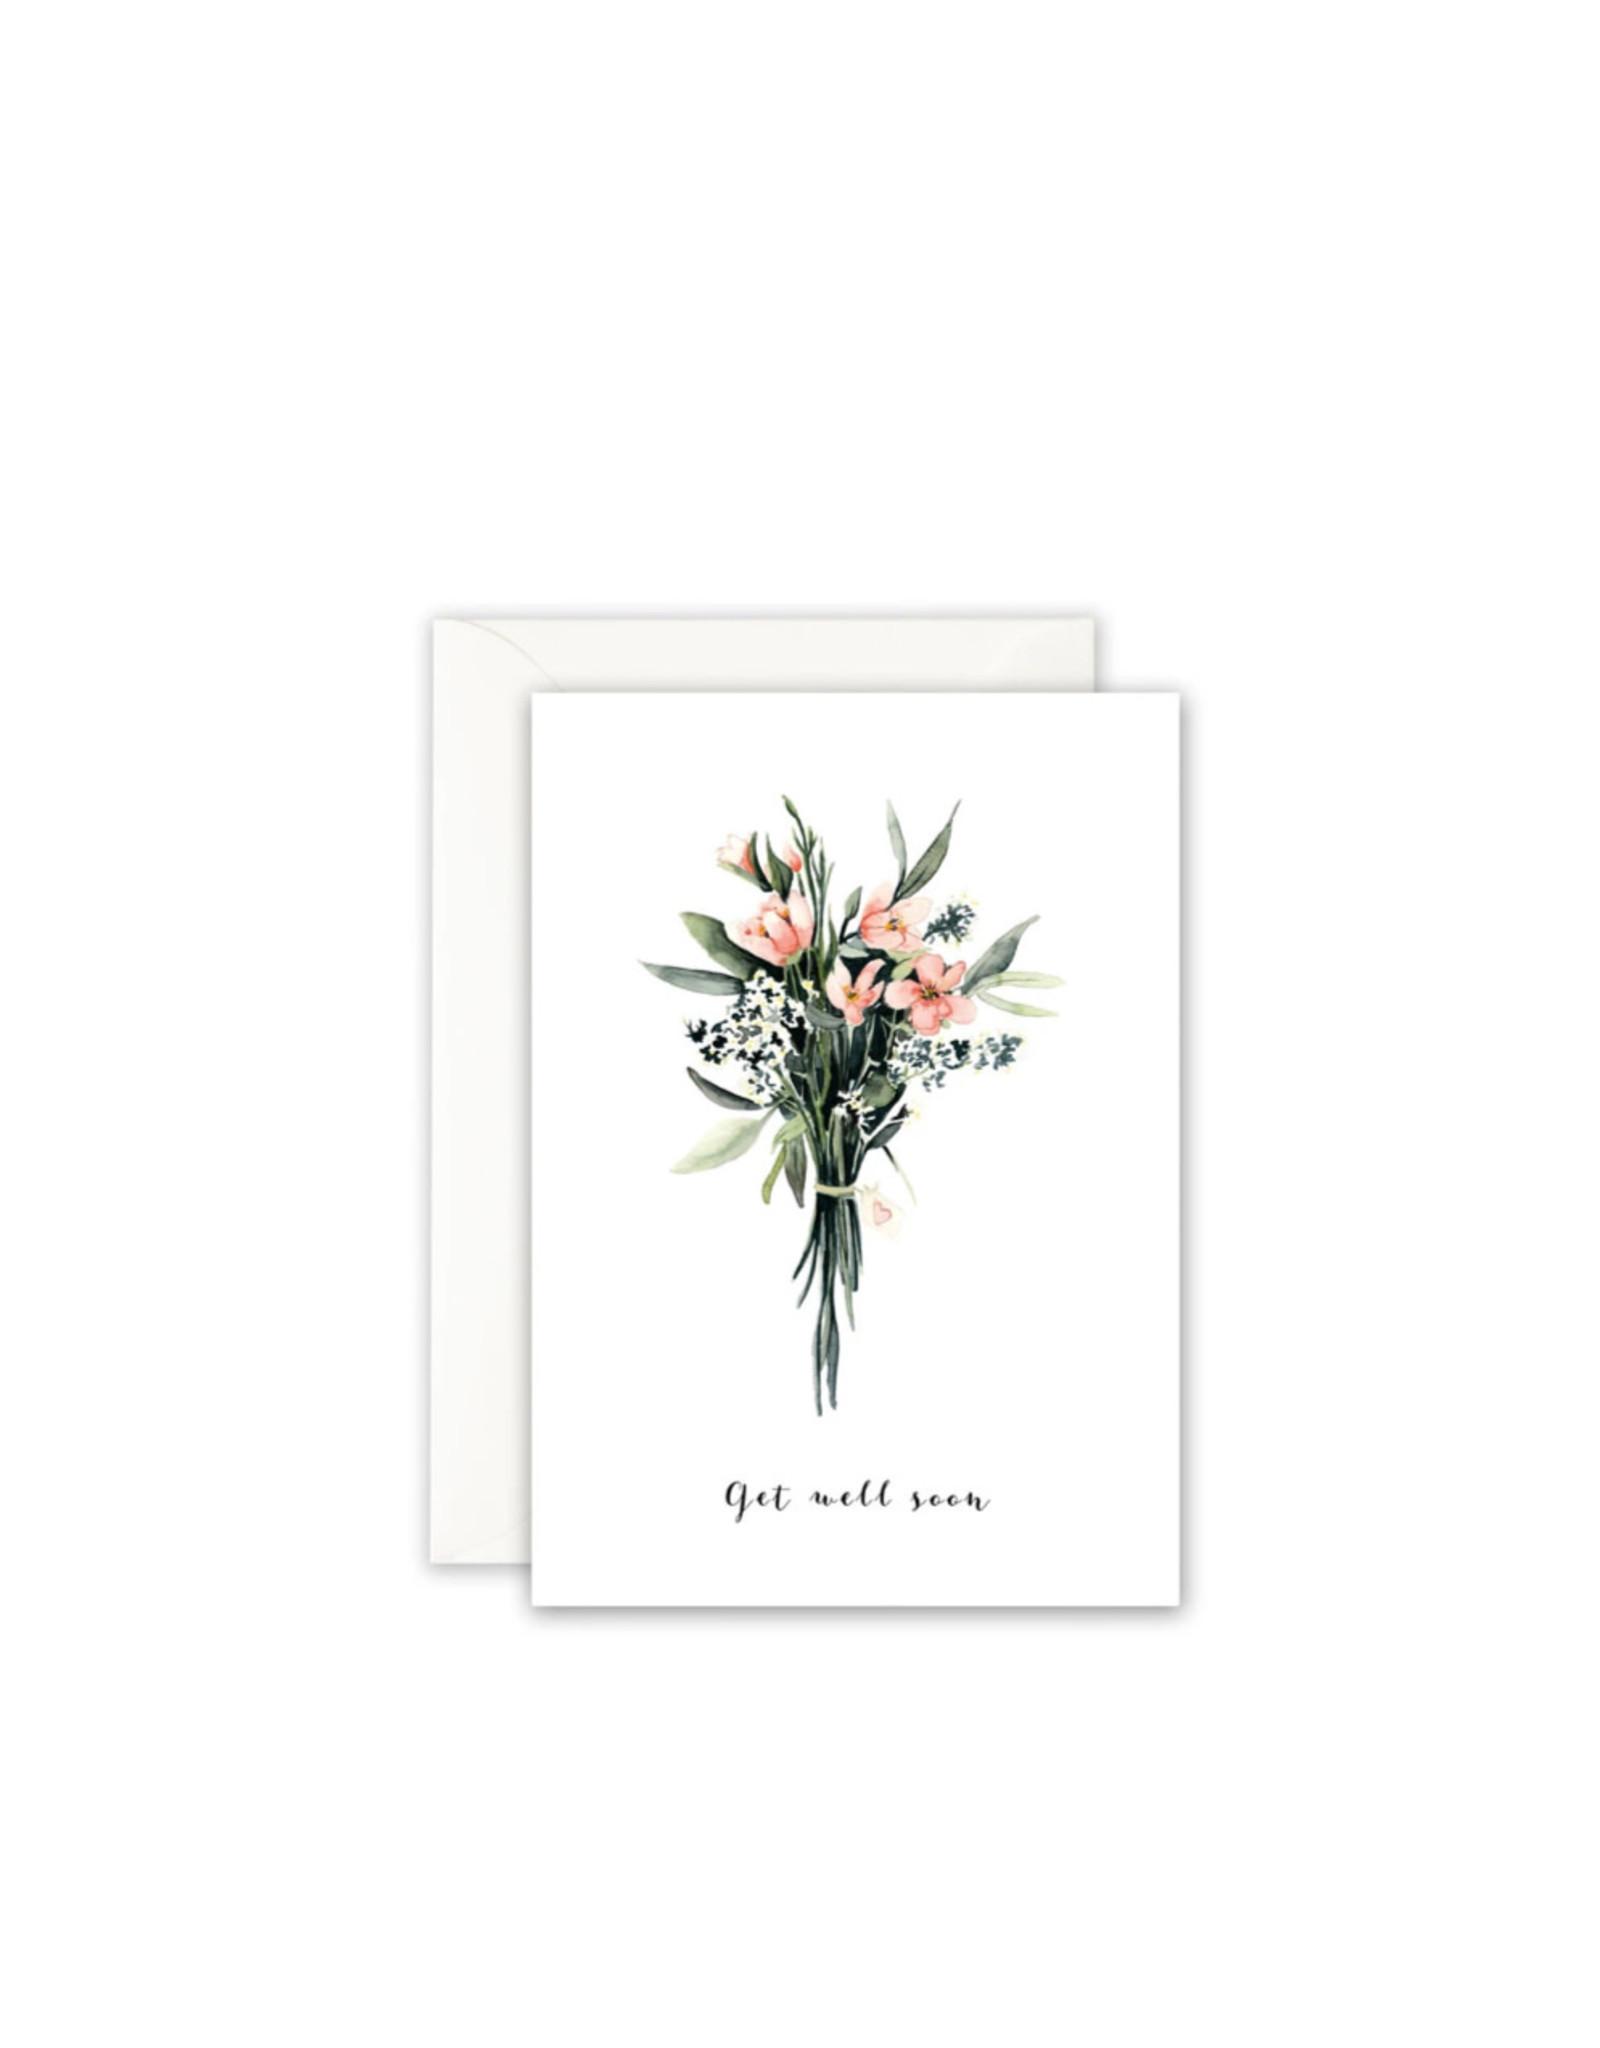 Leo La Douce Wenskaart - Boeketje Bloemen Get well soon - Postkaart + Envelope - 10 x 15cm